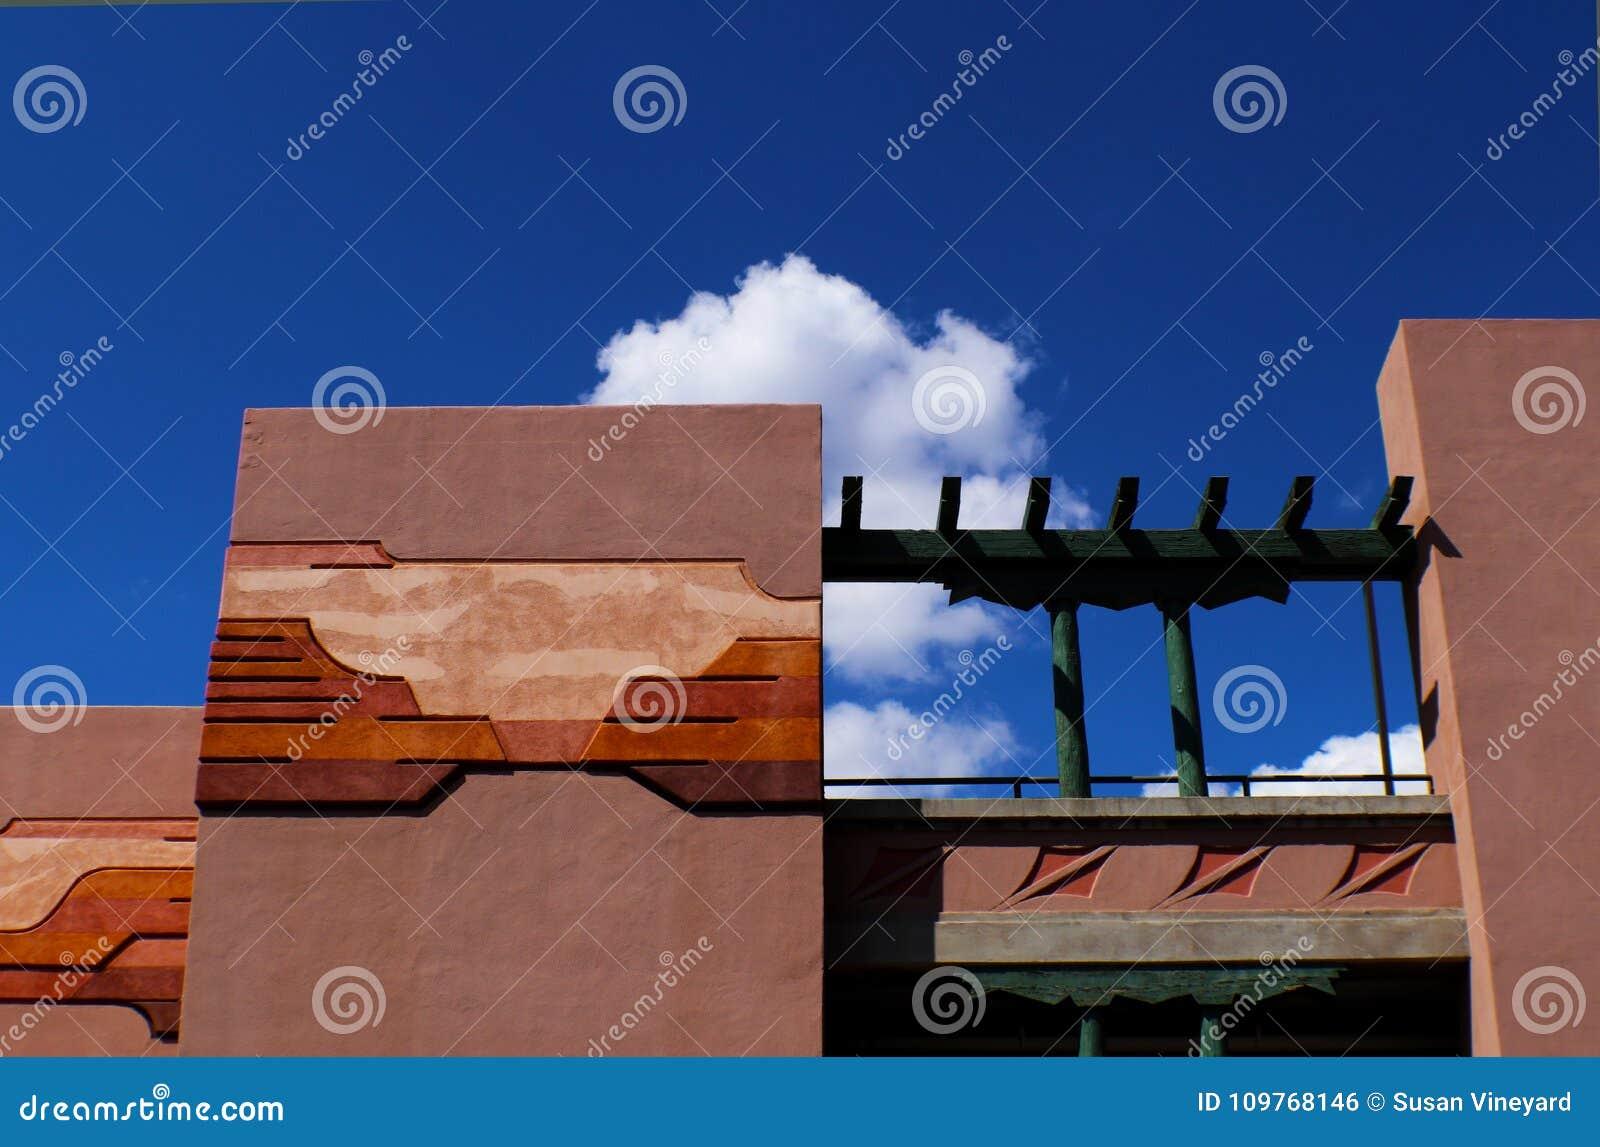 Architettura con progettazione sudoccidentale in stucco contro cielo blu con le nuvole, Santa Fe, New Mexico